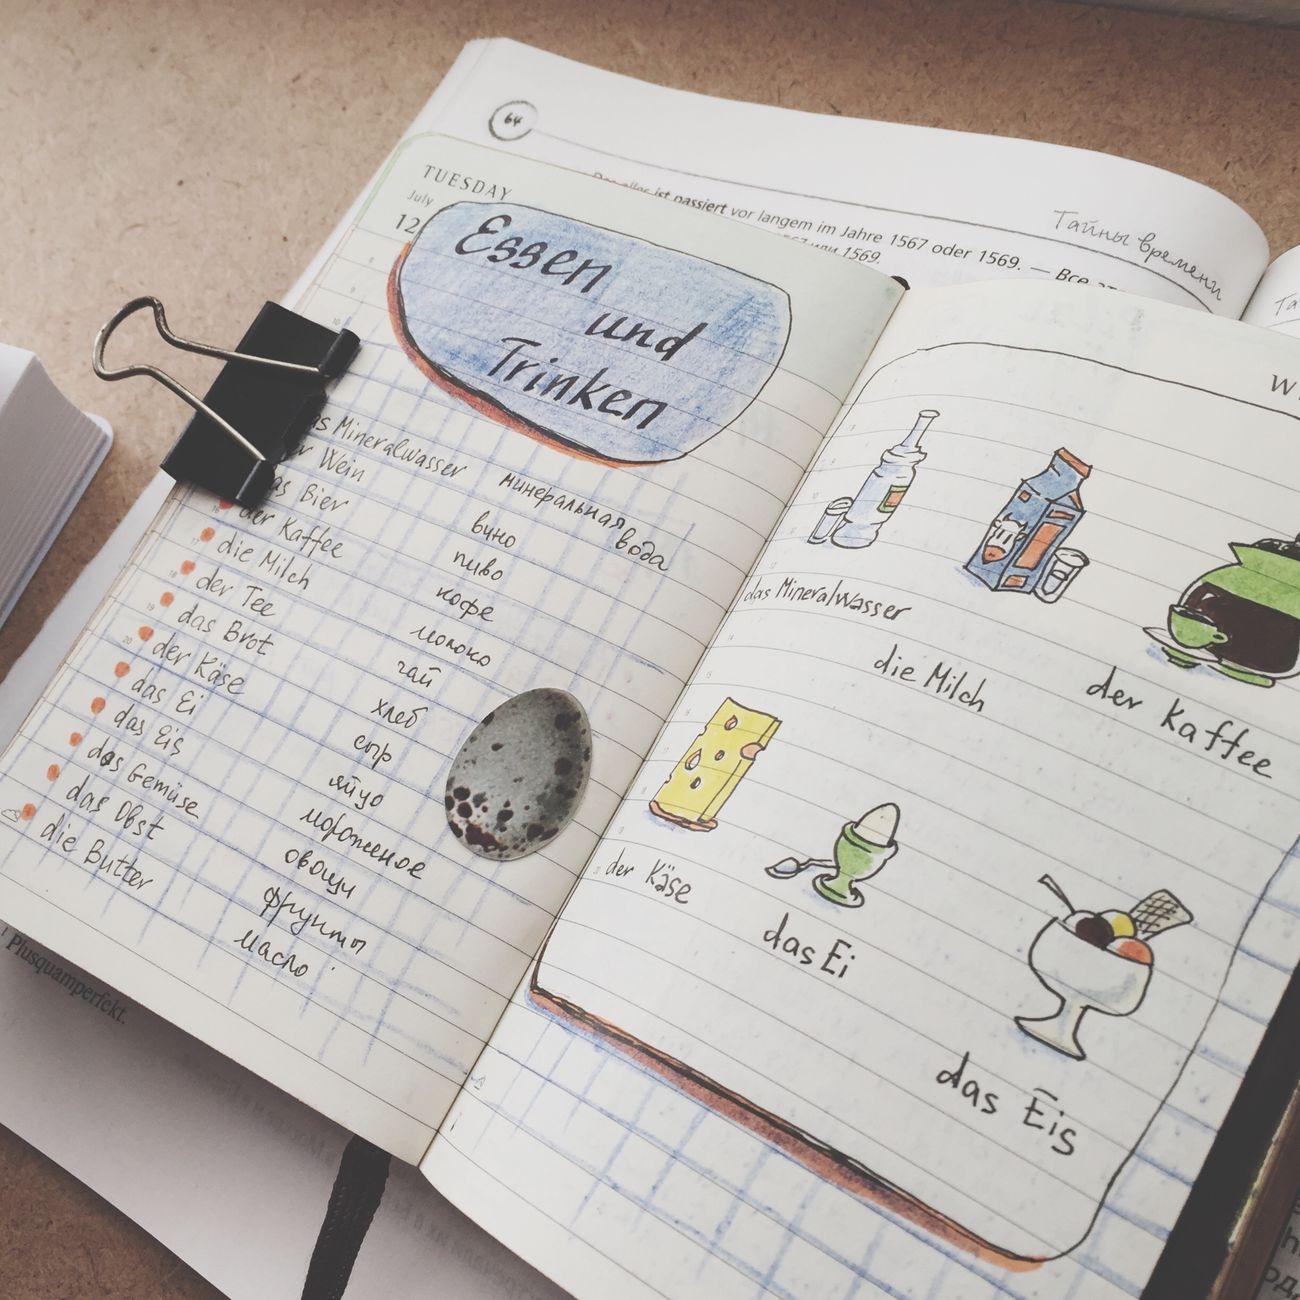 Paper Moleskine Day Deutsch Deutsche Worte Sketchbook Sketching Hobbies